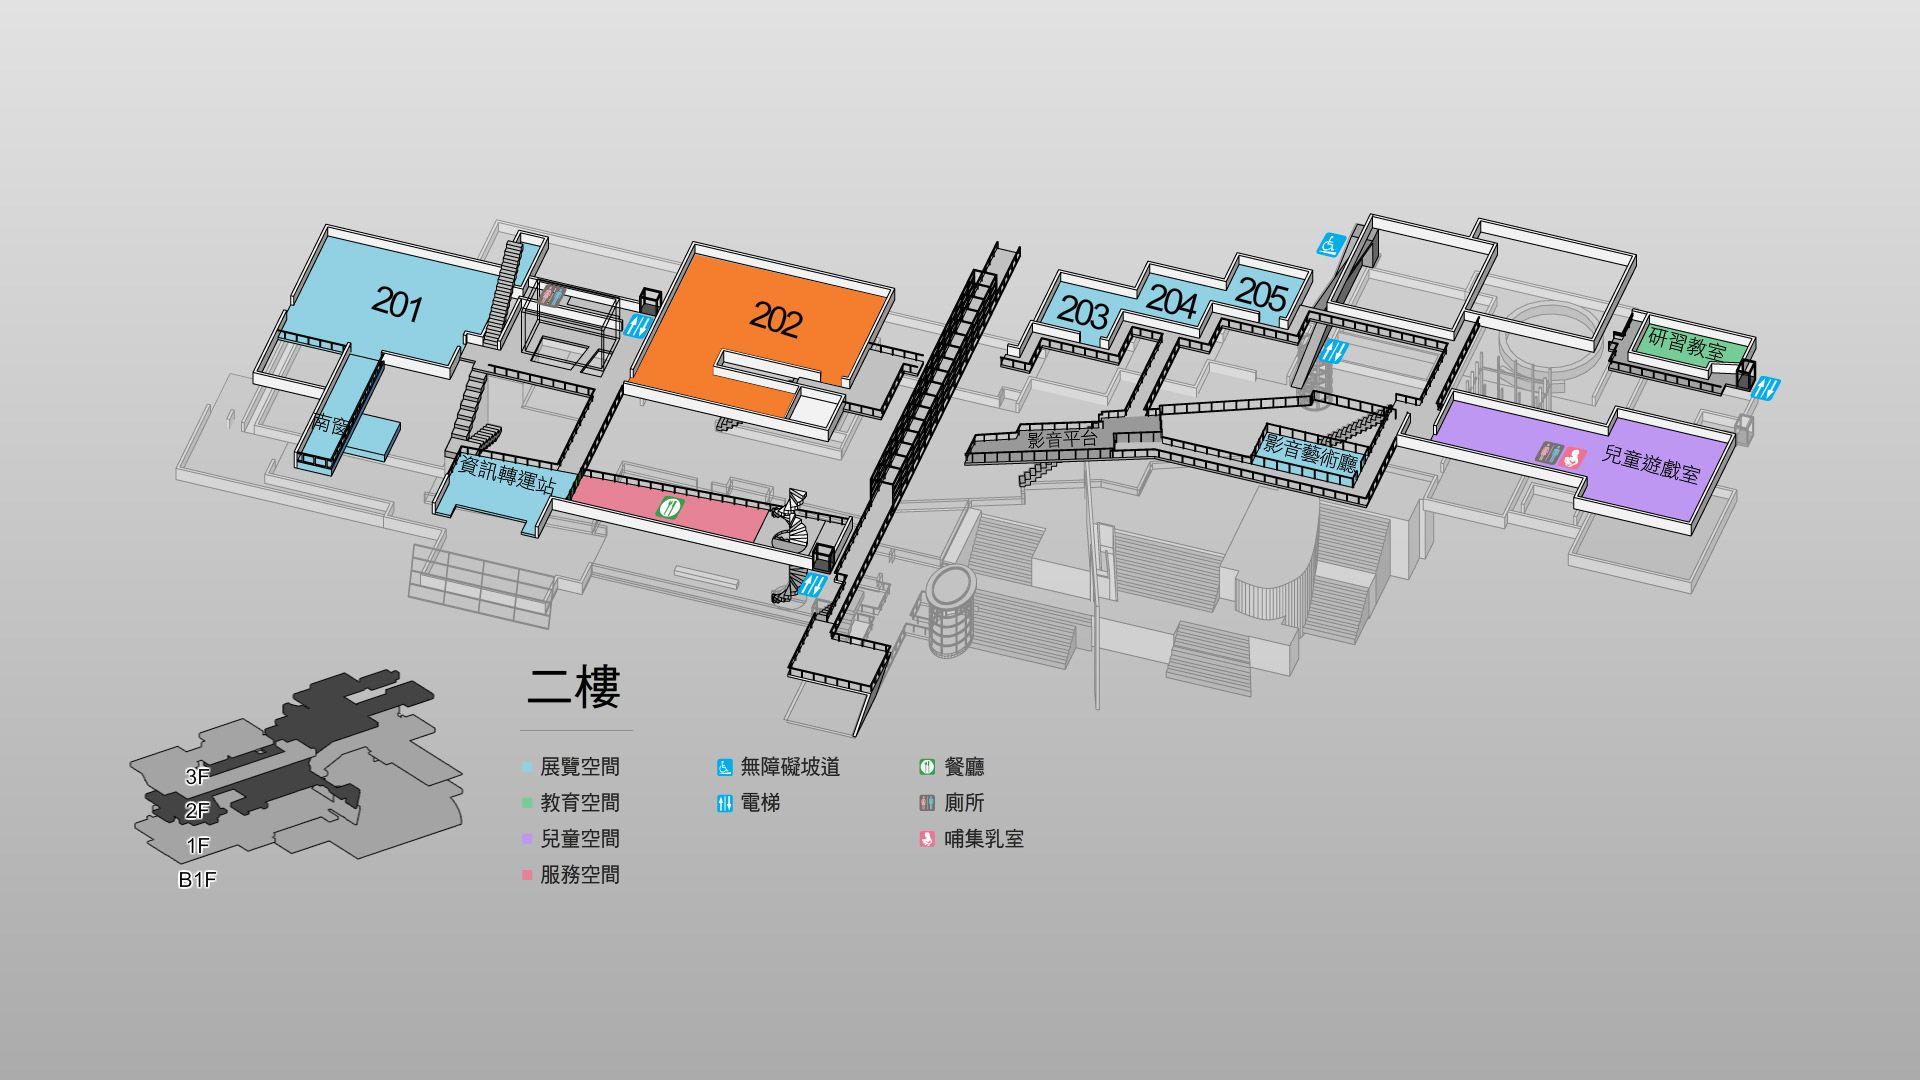 202展覽室平面圖